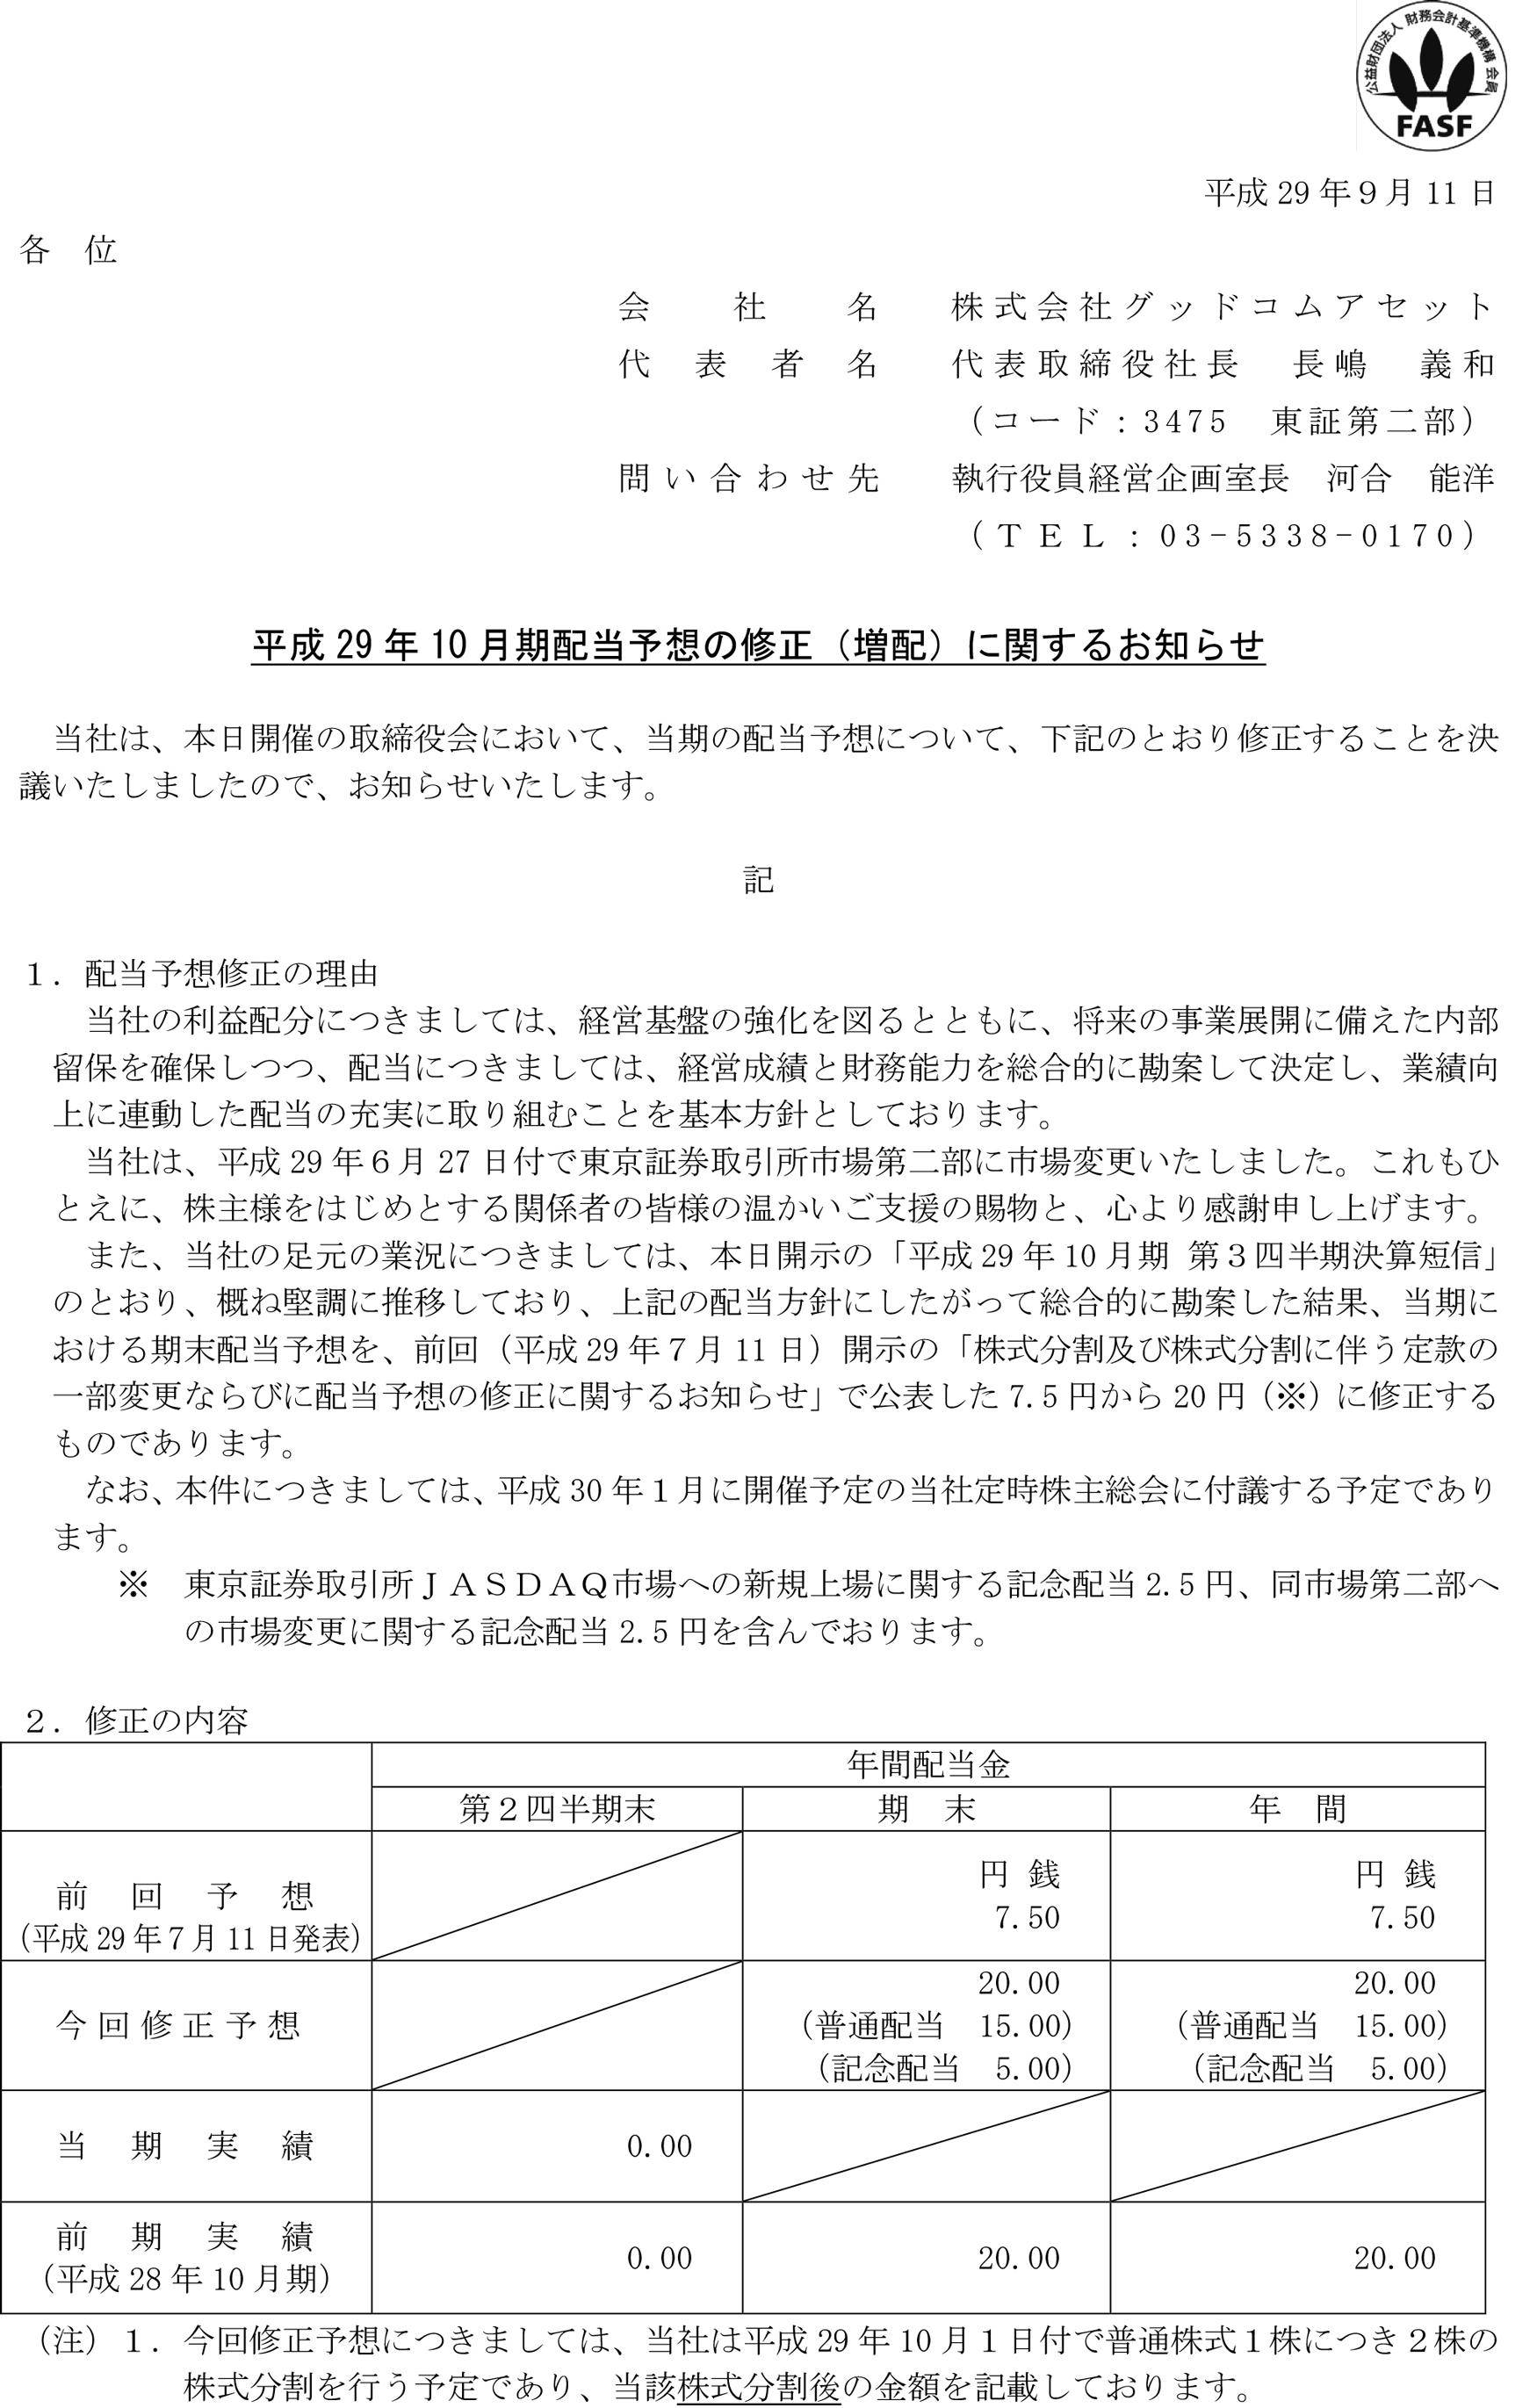 17-09-11配当予想の修正に関するお知らせ-1